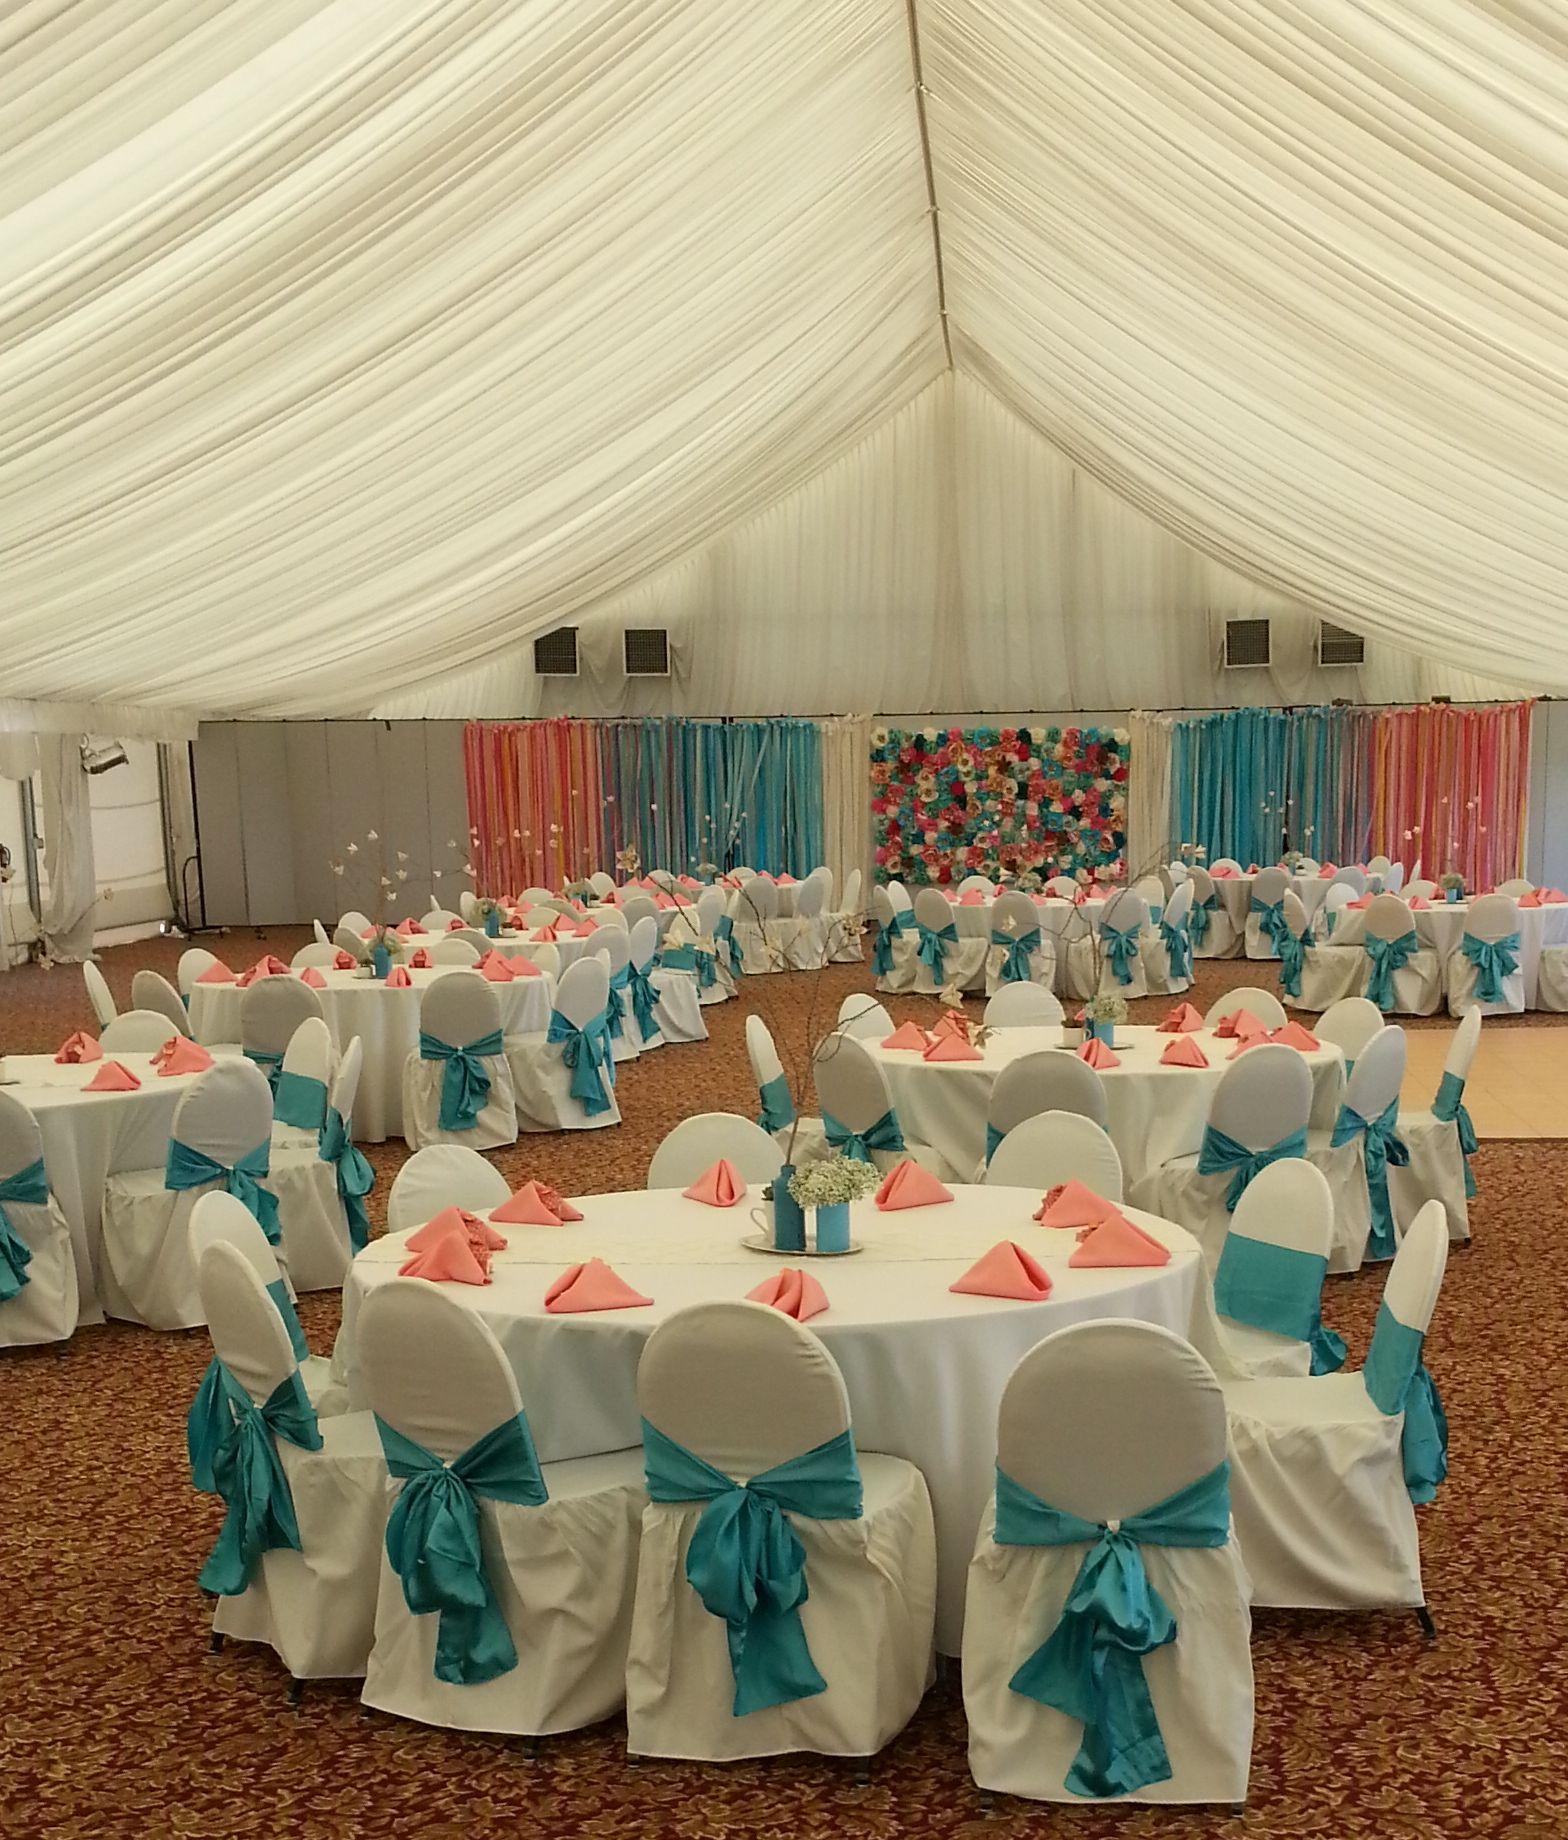 tiffany blue and black wedding decorations%0A Coral and Aqua decor   Coral and Turquoise Wedding Ideas   Party Tables    Pinterest   Aqua decor  Turquoise weddings and Turquoise